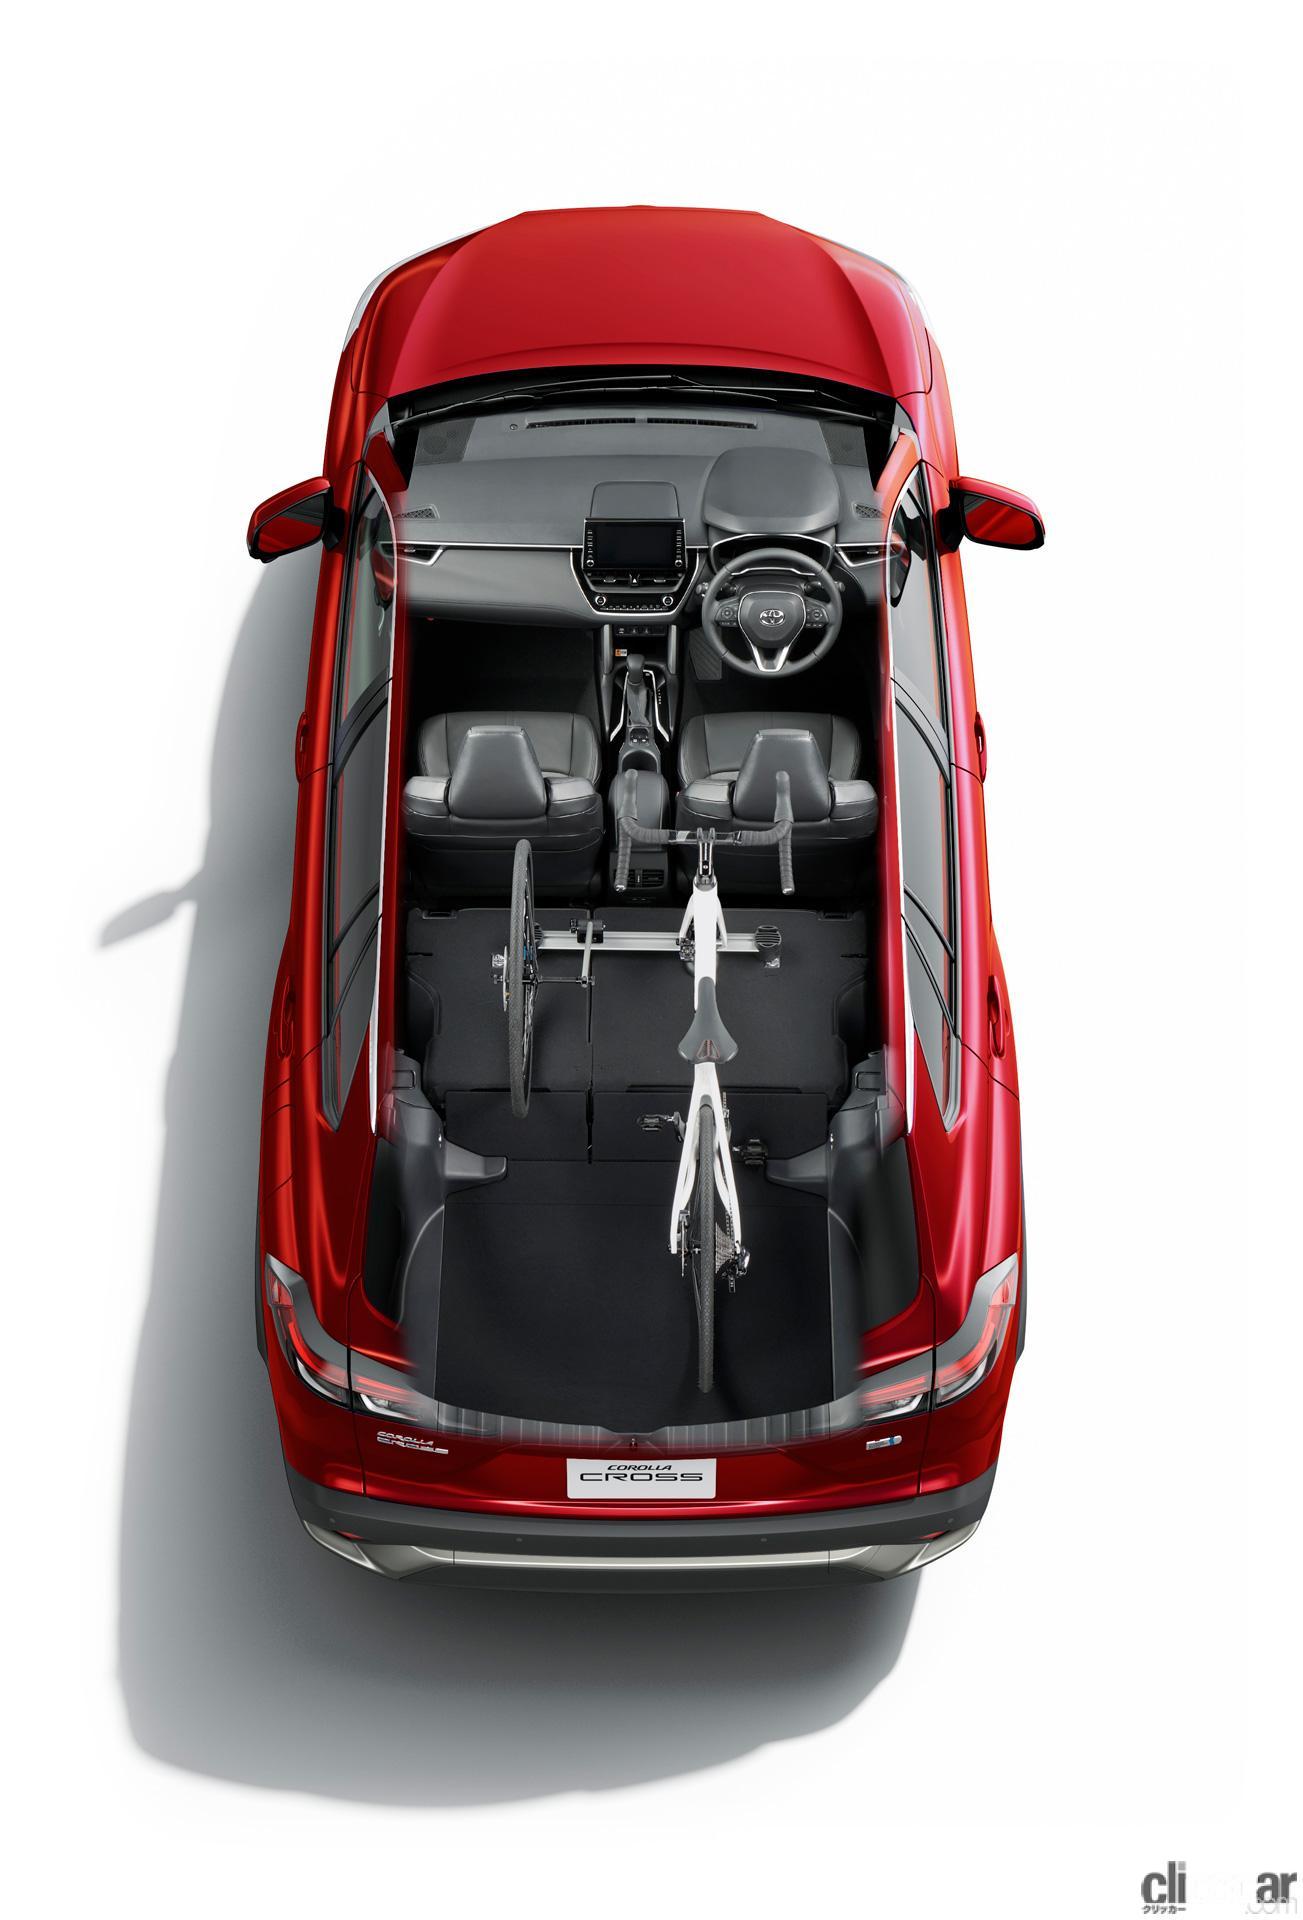 「トヨタ新型カローラ クロス発売。ボディサイズやラゲッジスペースはC-HRとどう違う?」の8枚目の画像